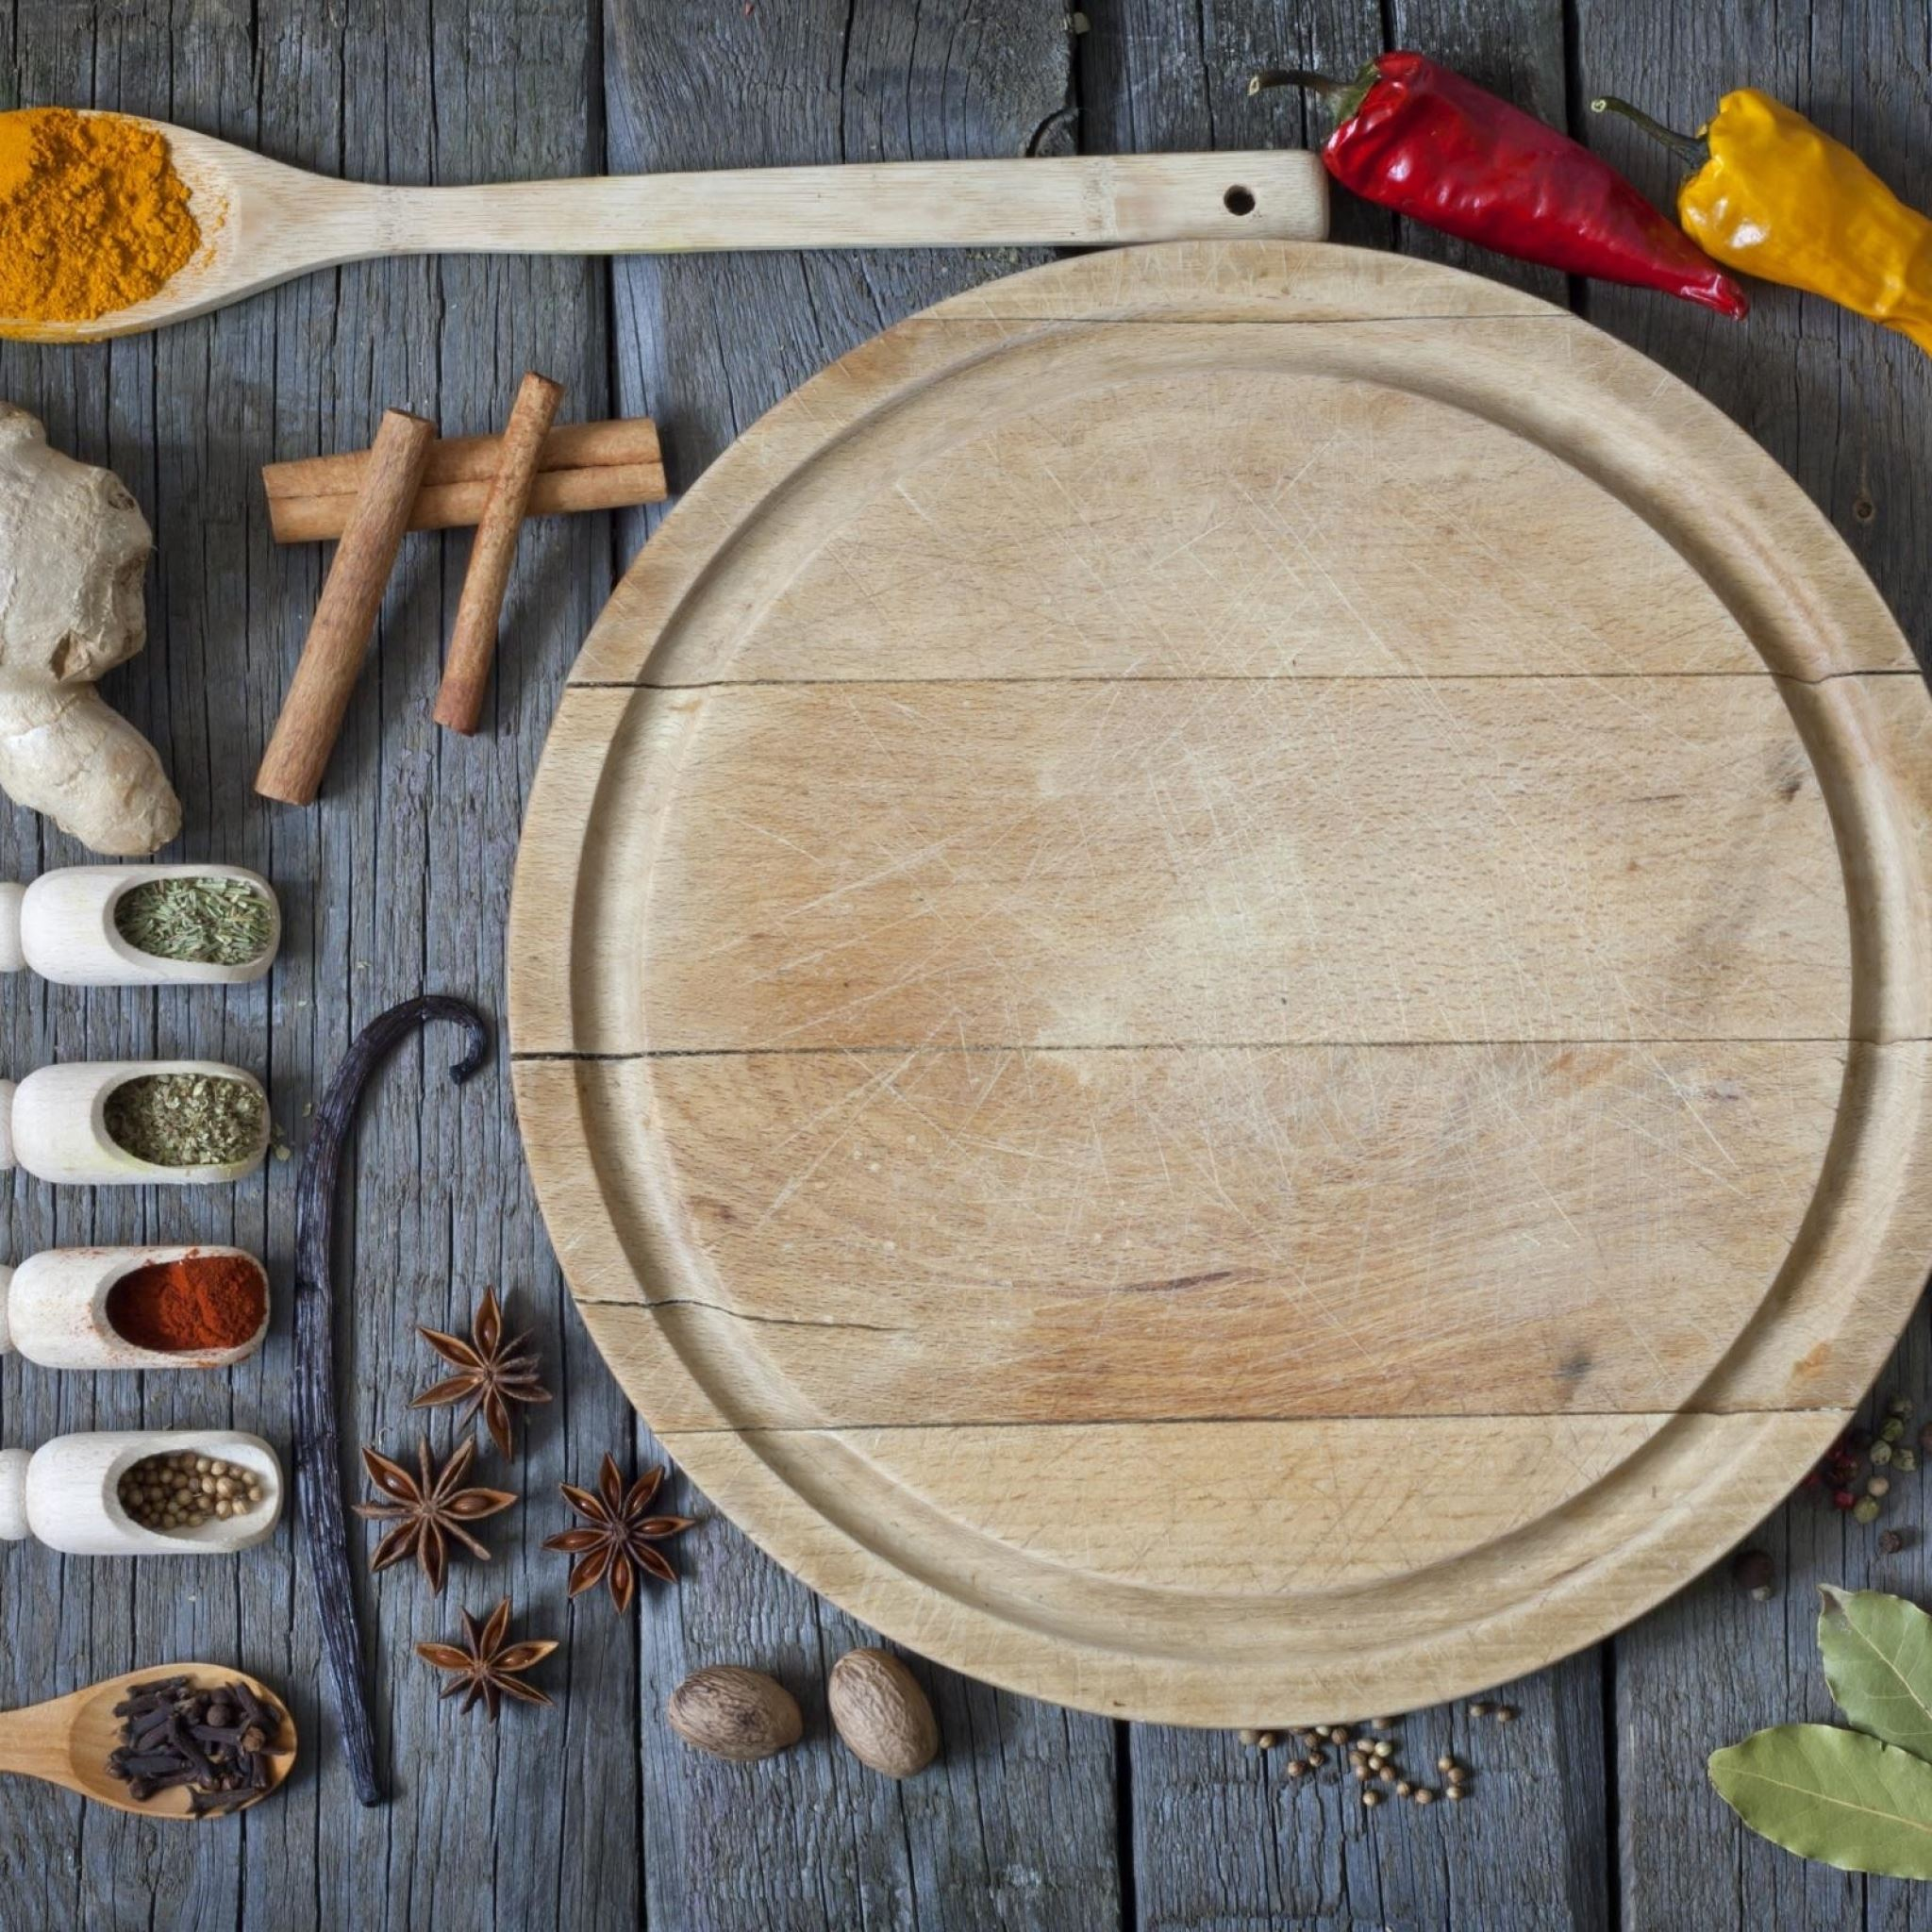 Spices pepper garlic cutting board iPad Air wallpaper